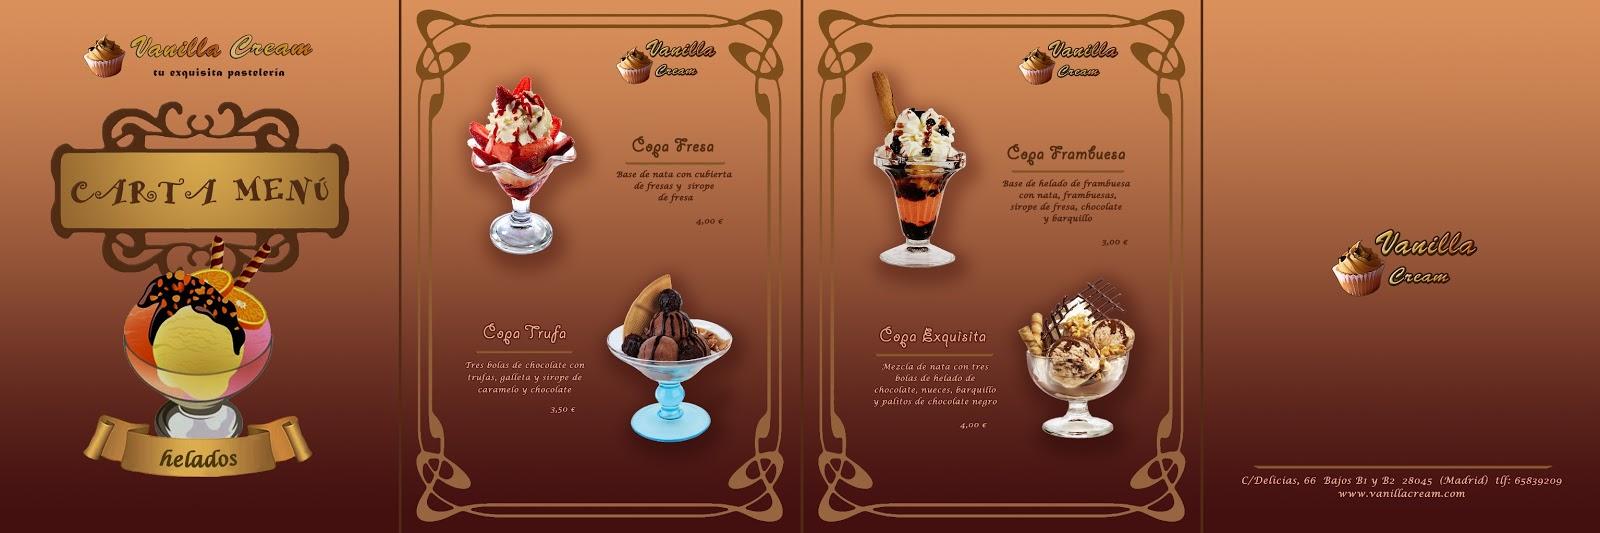 MCrea Design: Carta Menu de Helados para la pastelería Vanilla Cream